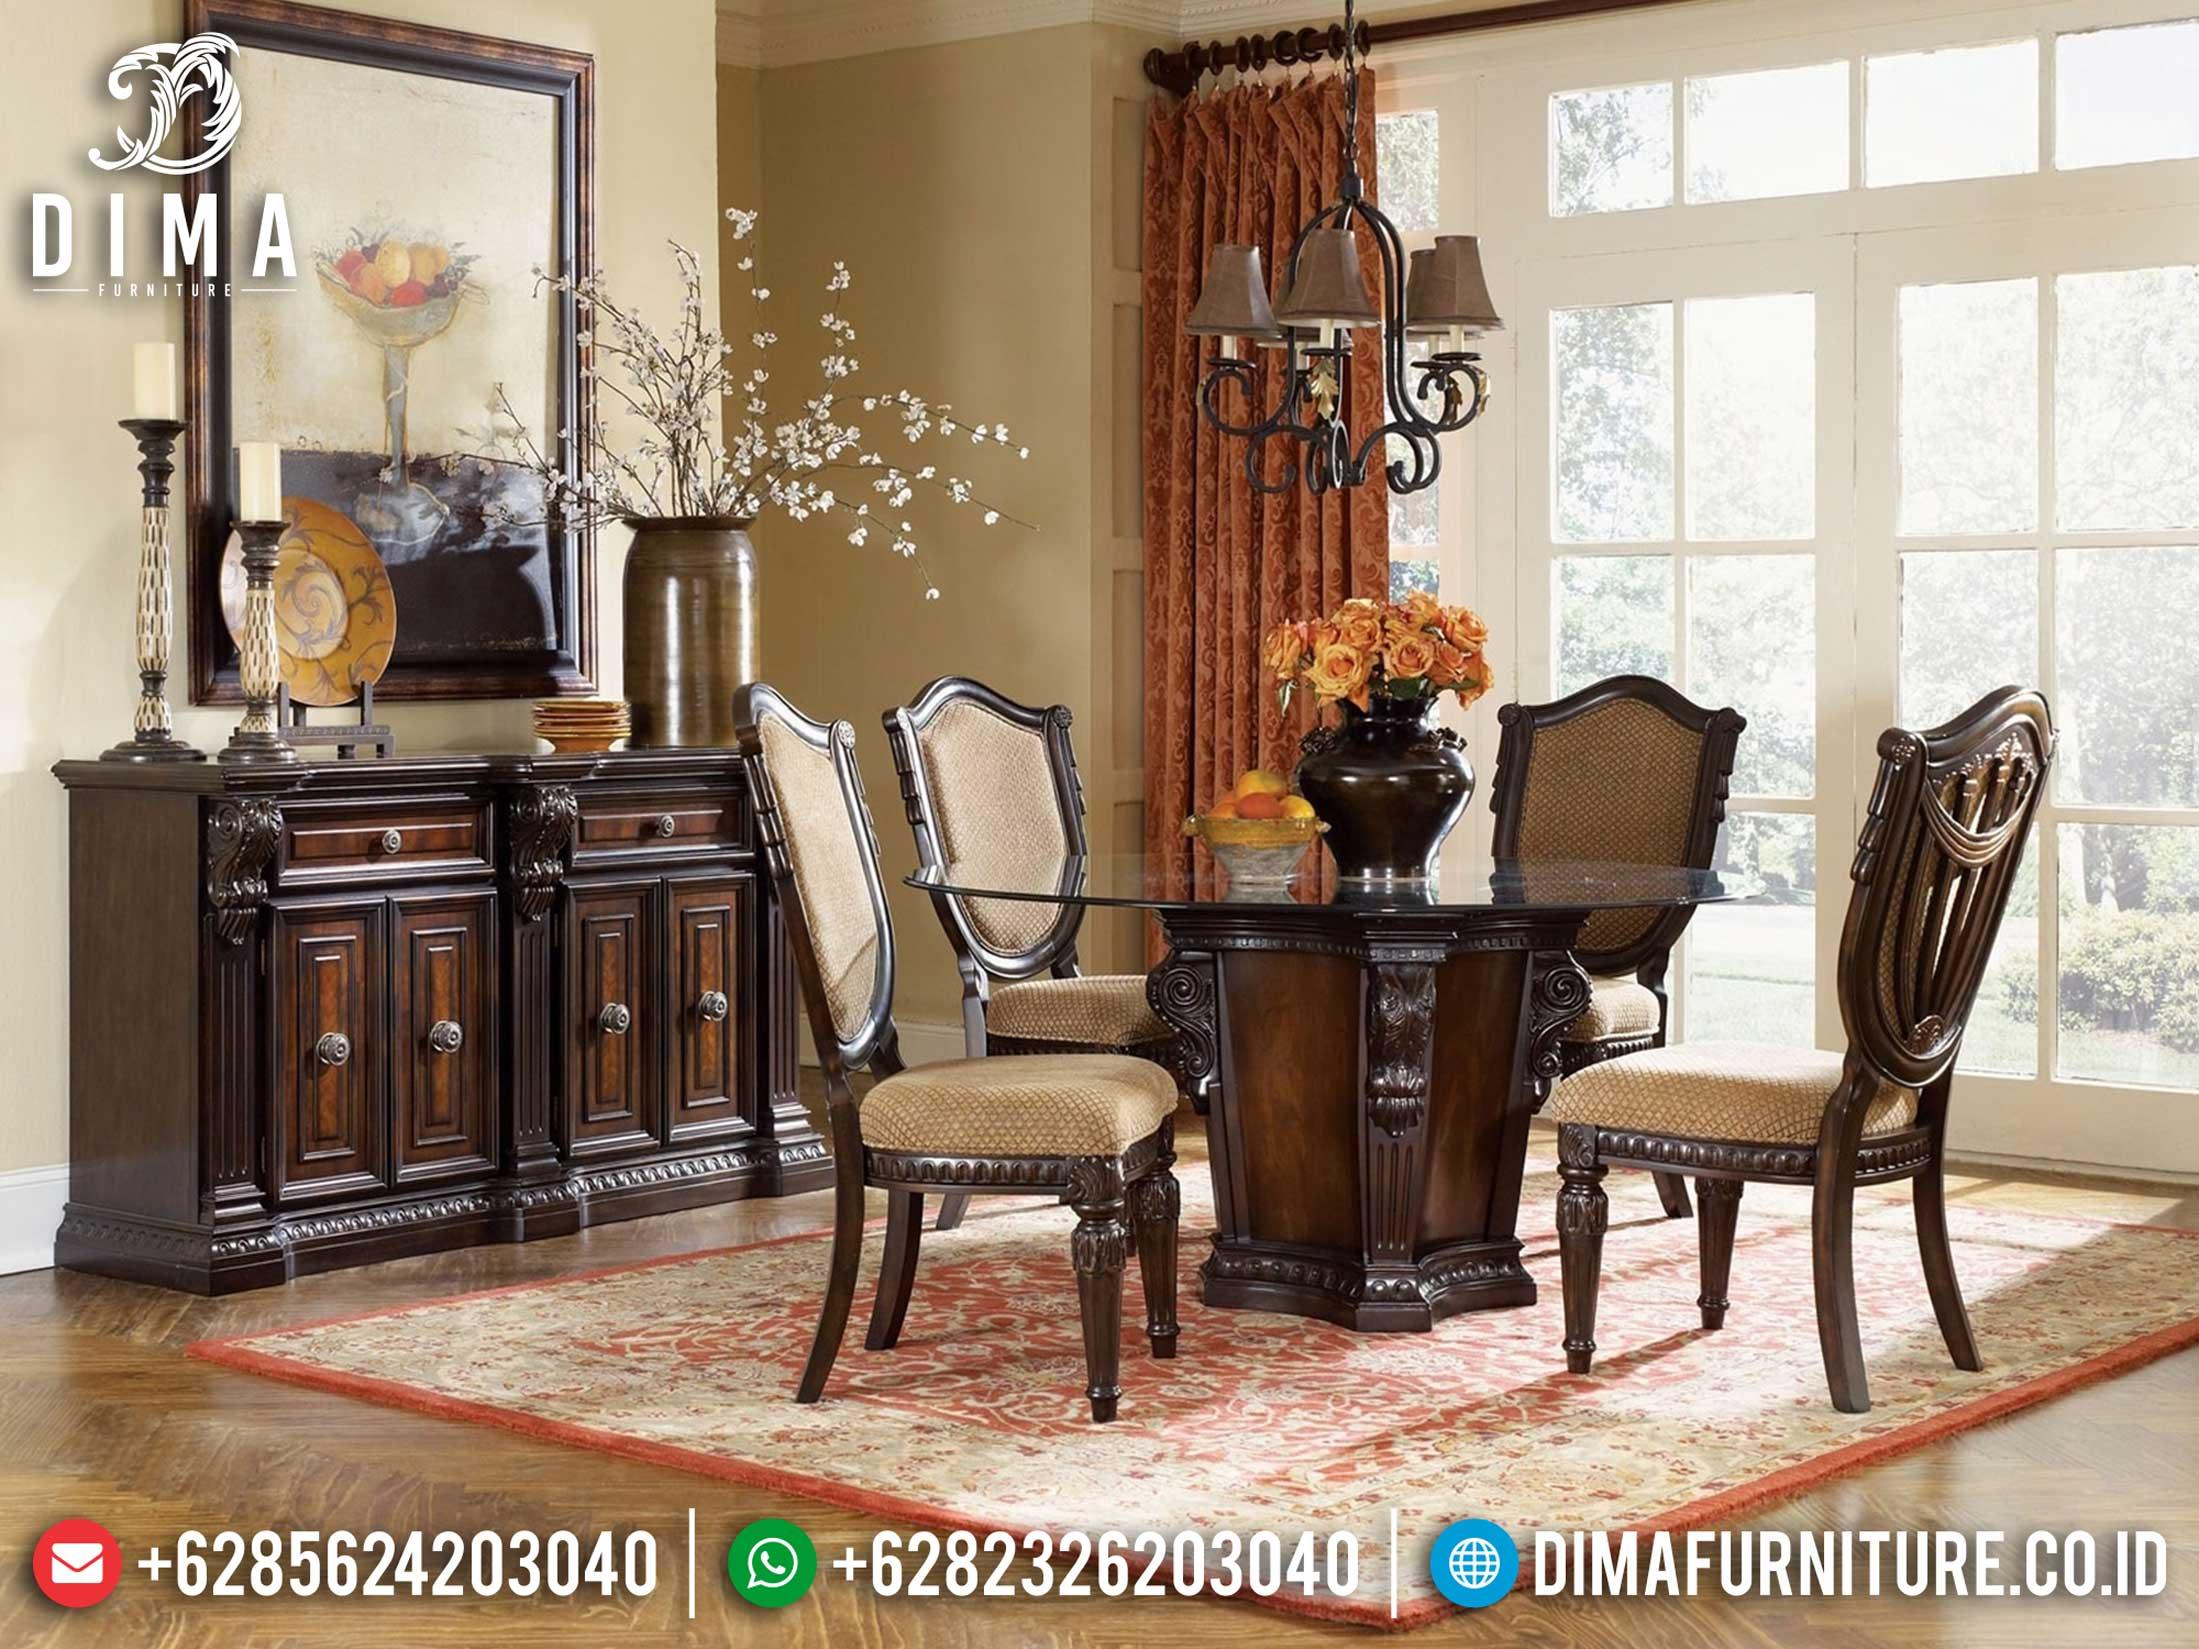 Fabio Meja Makan Jati Bundar Minimalis Luxury Carving Natural Salak Brown ST-0934